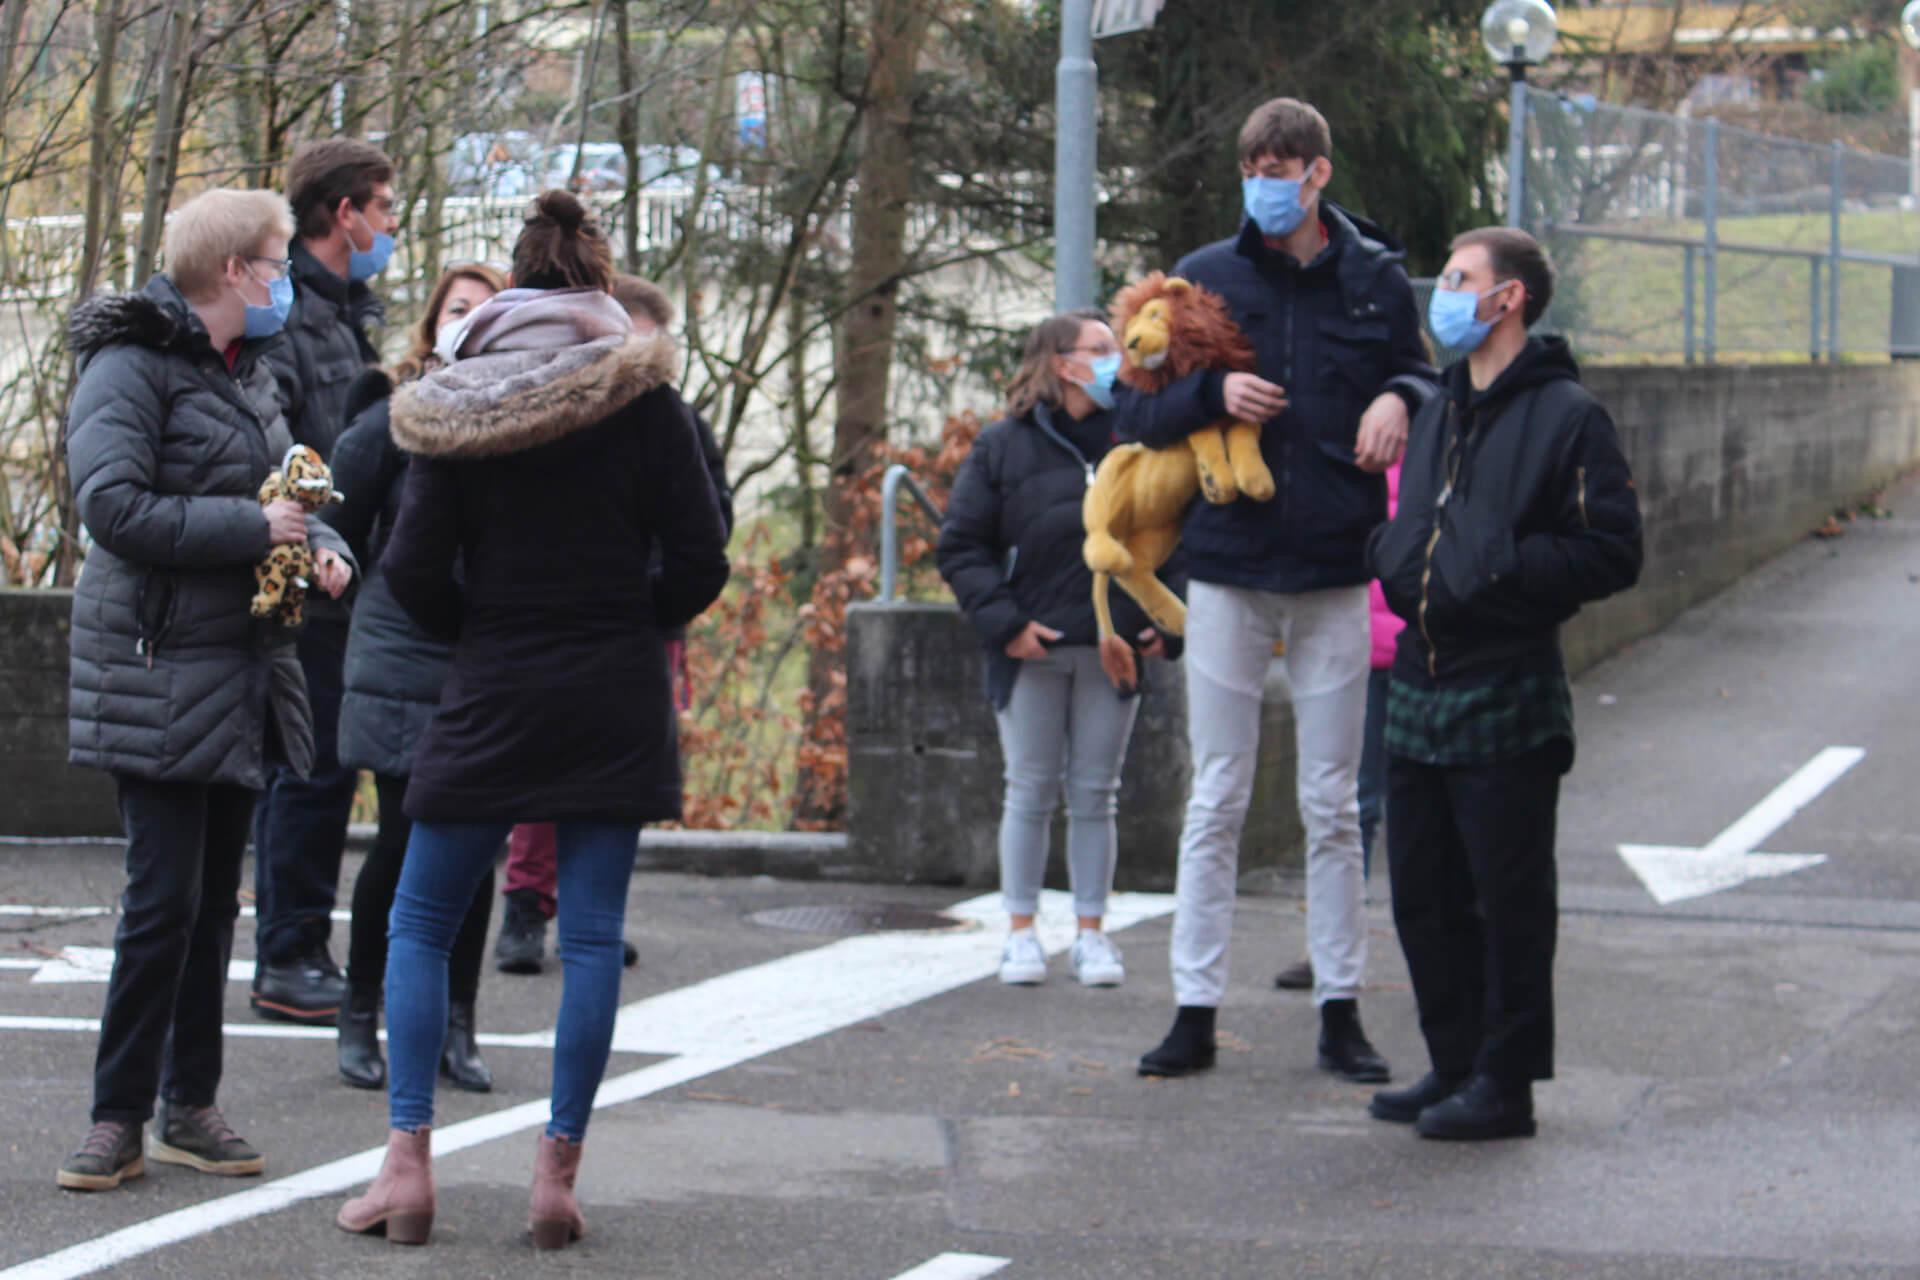 Ein Kuscheltier zur Unterstützung bei der Corona-Impfung haben einige Bewohner dabei.